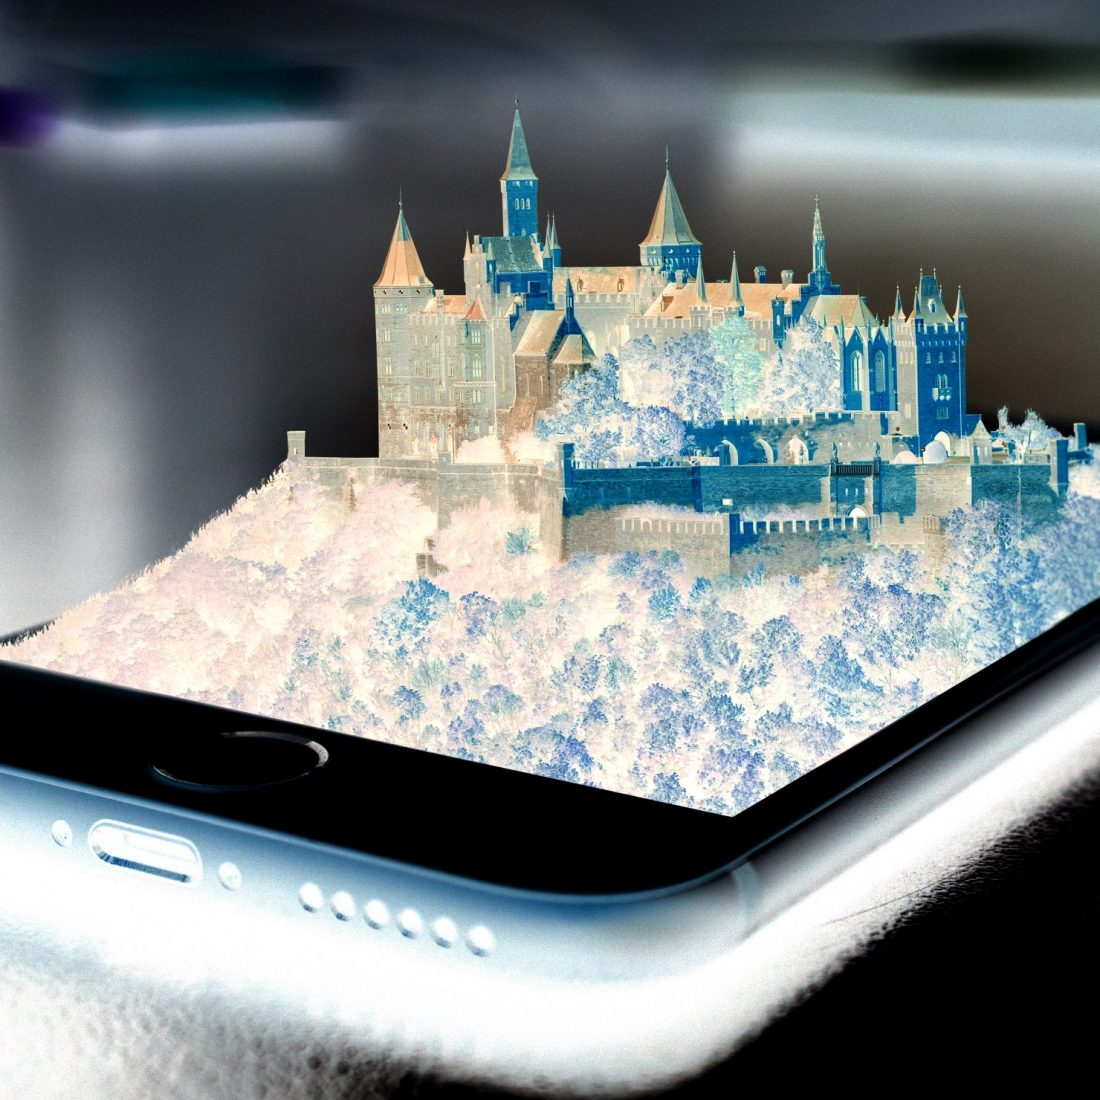 digitale strategie digitales zeitlalter digital future industrie vier null zukunft der digitalisierung